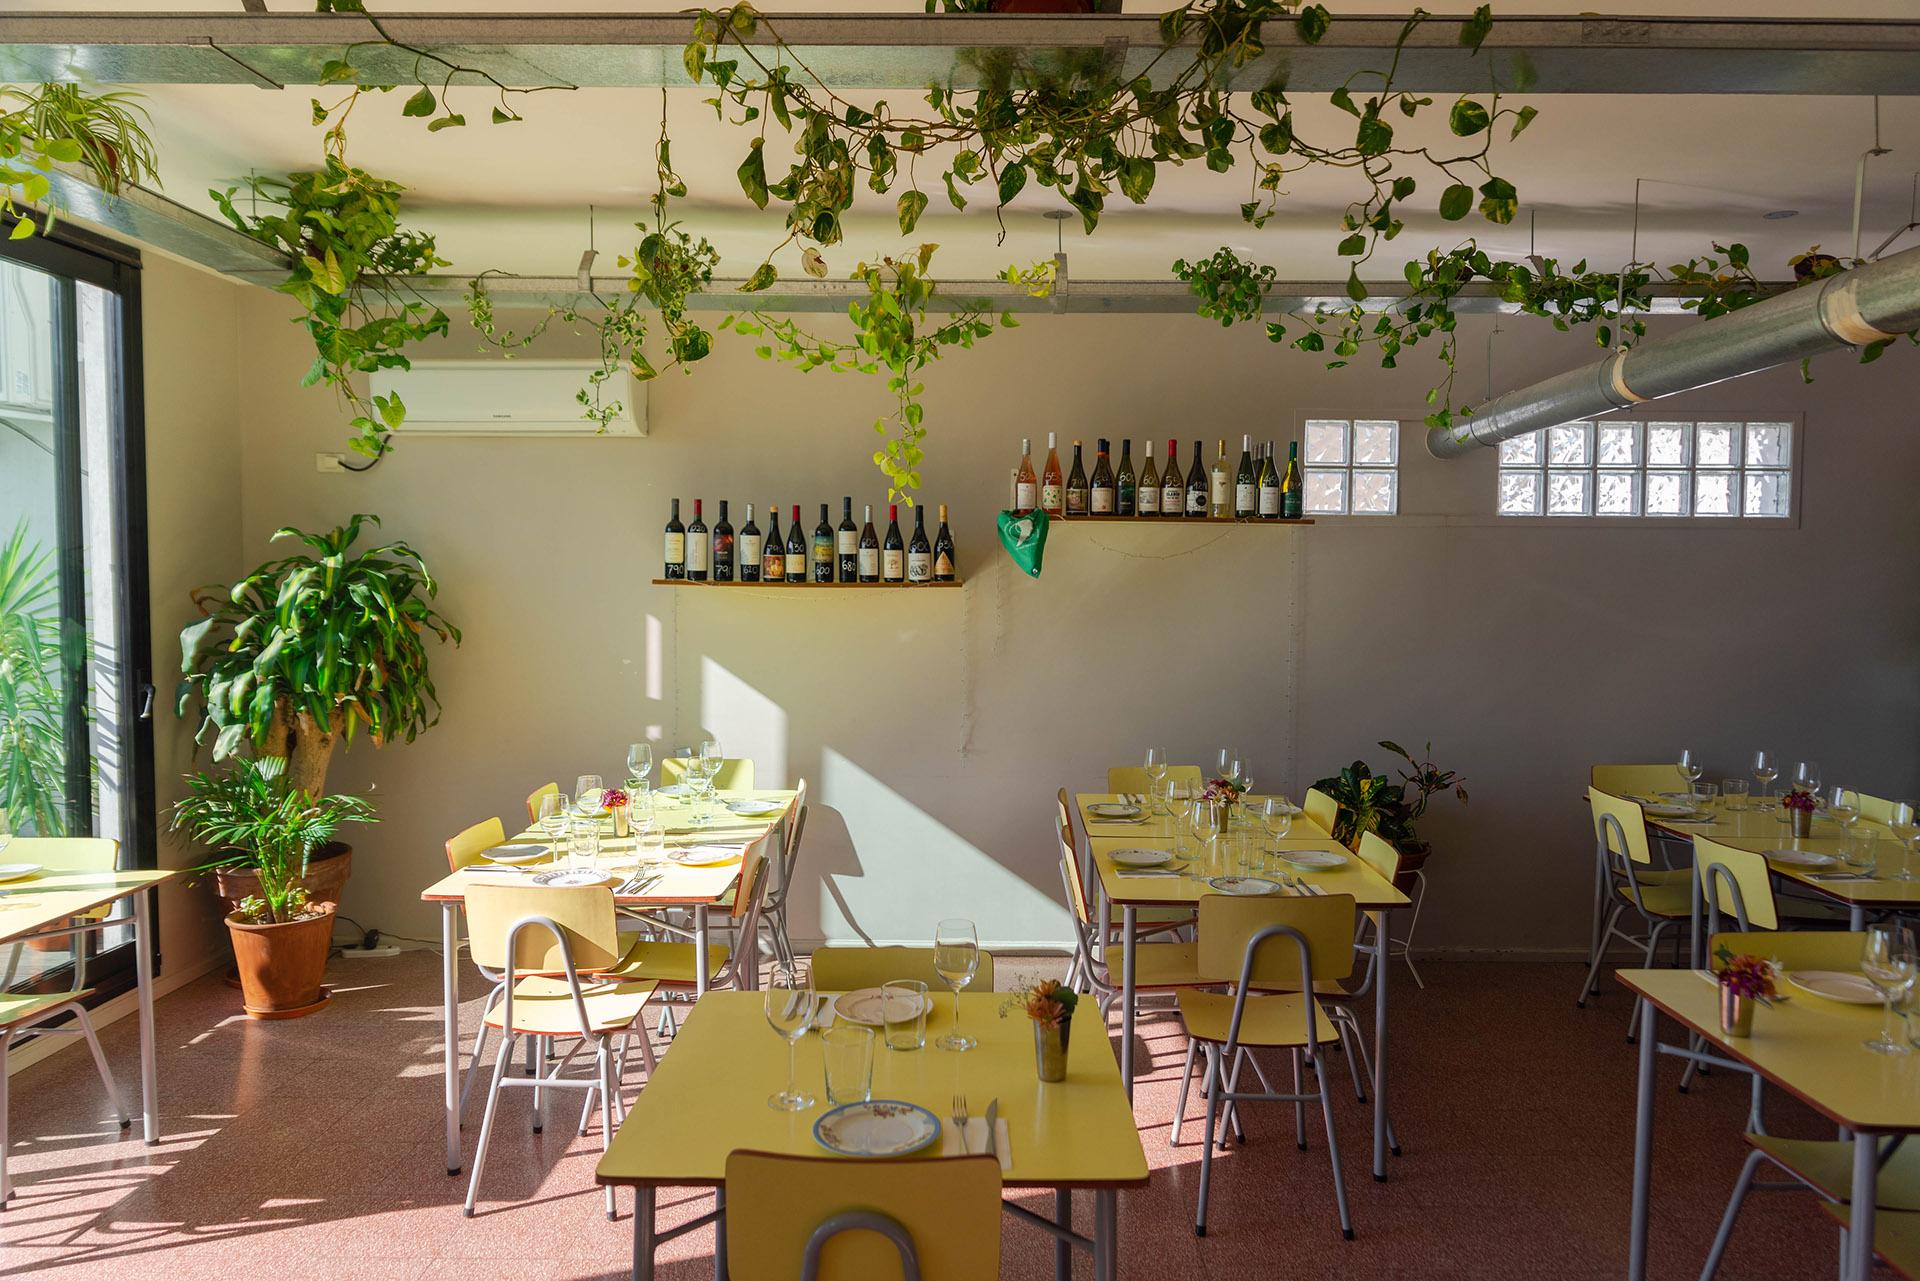 """El ambiente es relajado y amigable. Las mesas parecen pupitres escolares y la vajilla le da ese """"toque"""" de comedor familiar"""